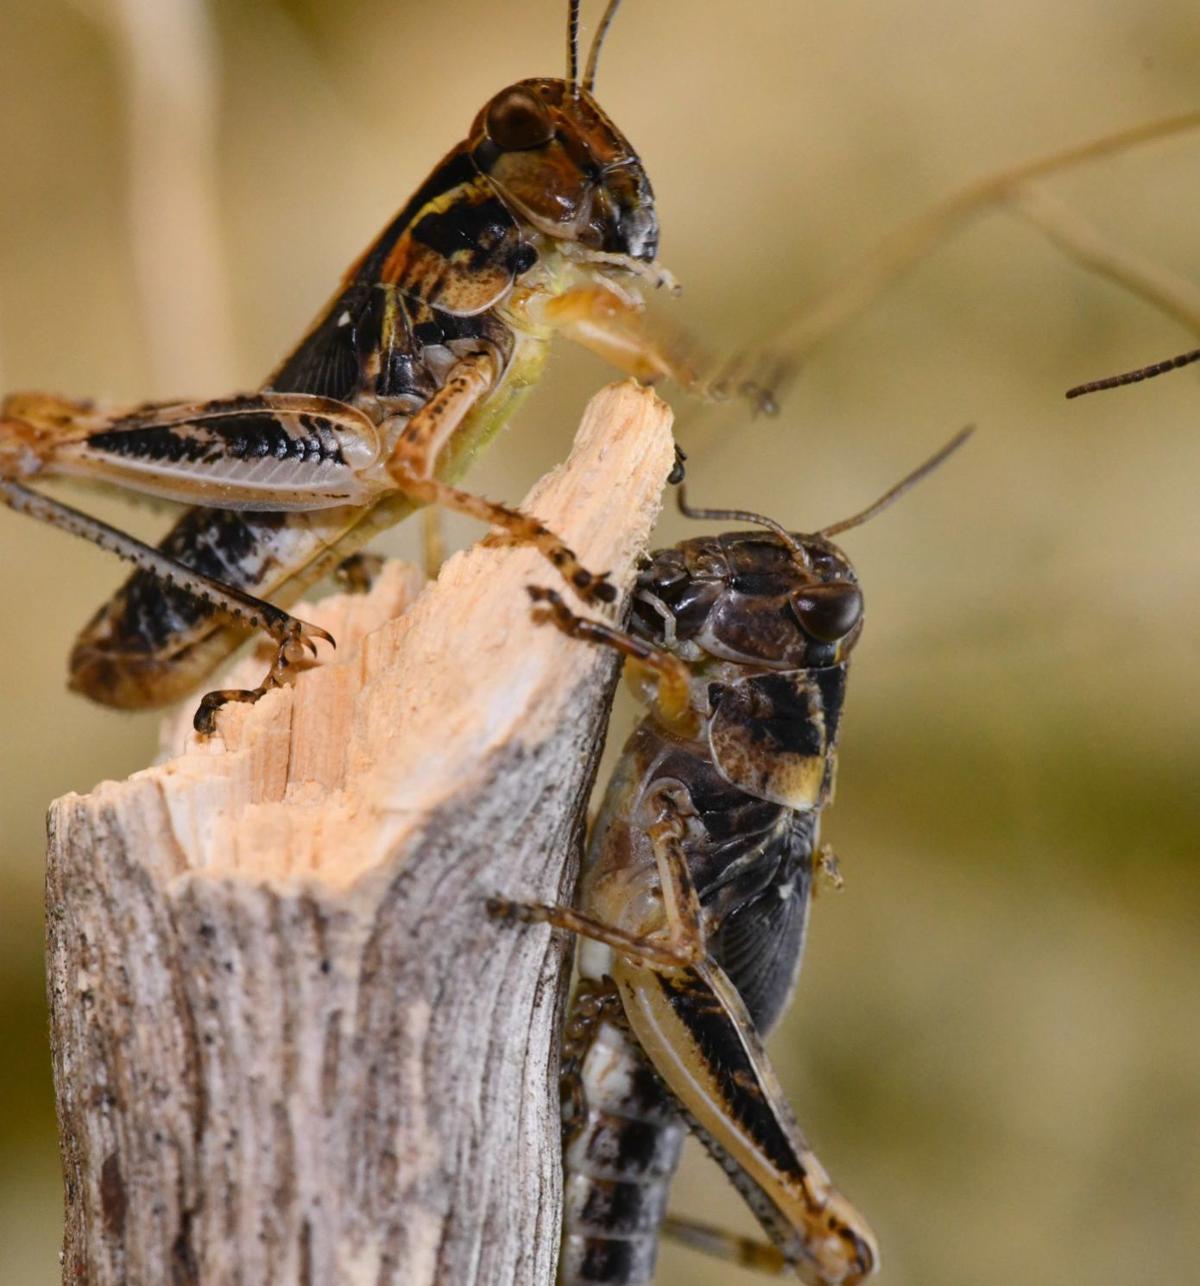 2019-11-16 15.40.05 Melanoplus grasshopper shoot - Version 2.jpg